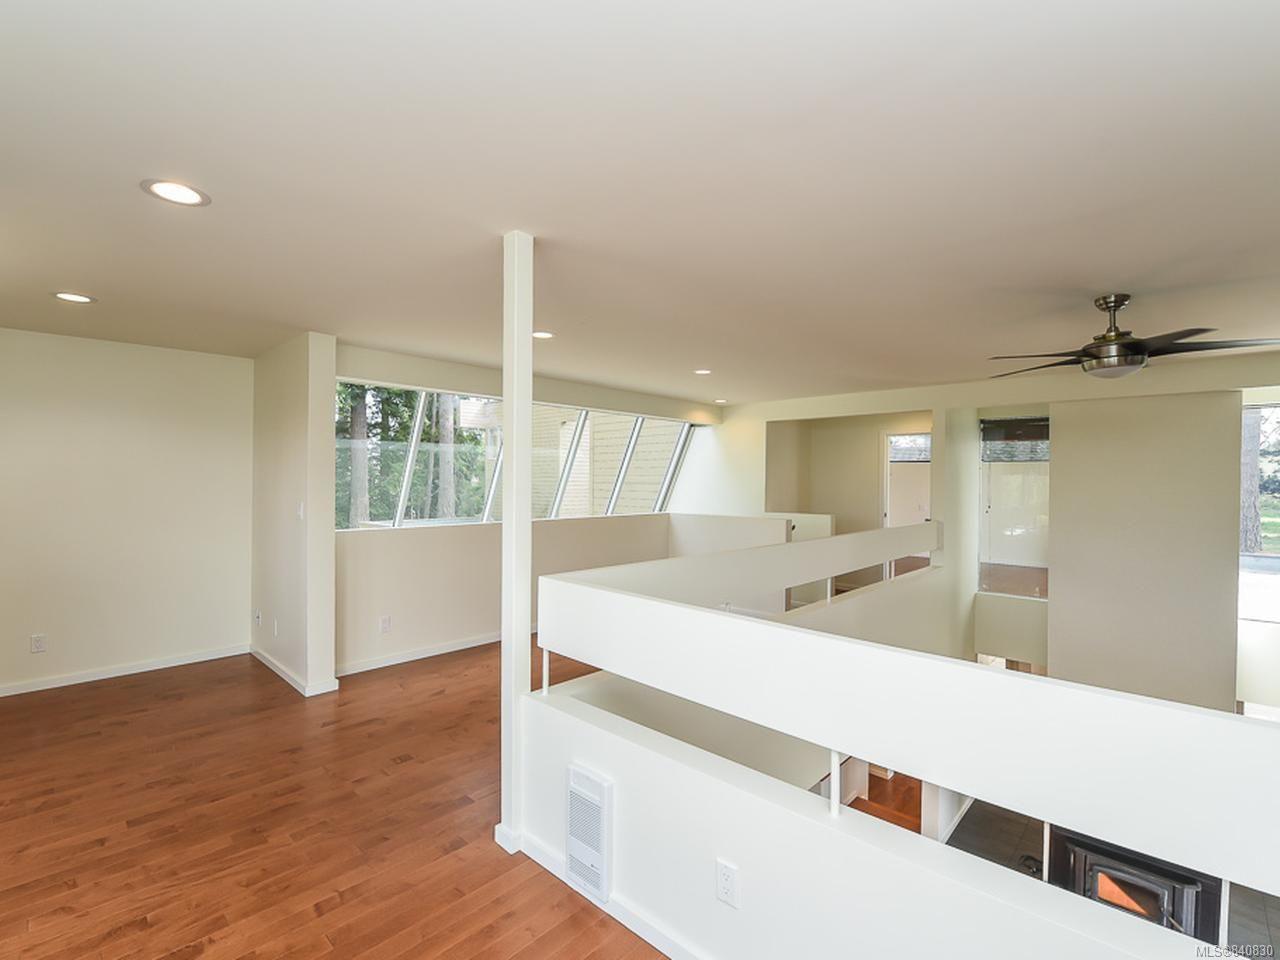 Photo 24: Photos: 1156 Moore Rd in COMOX: CV Comox Peninsula House for sale (Comox Valley)  : MLS®# 840830